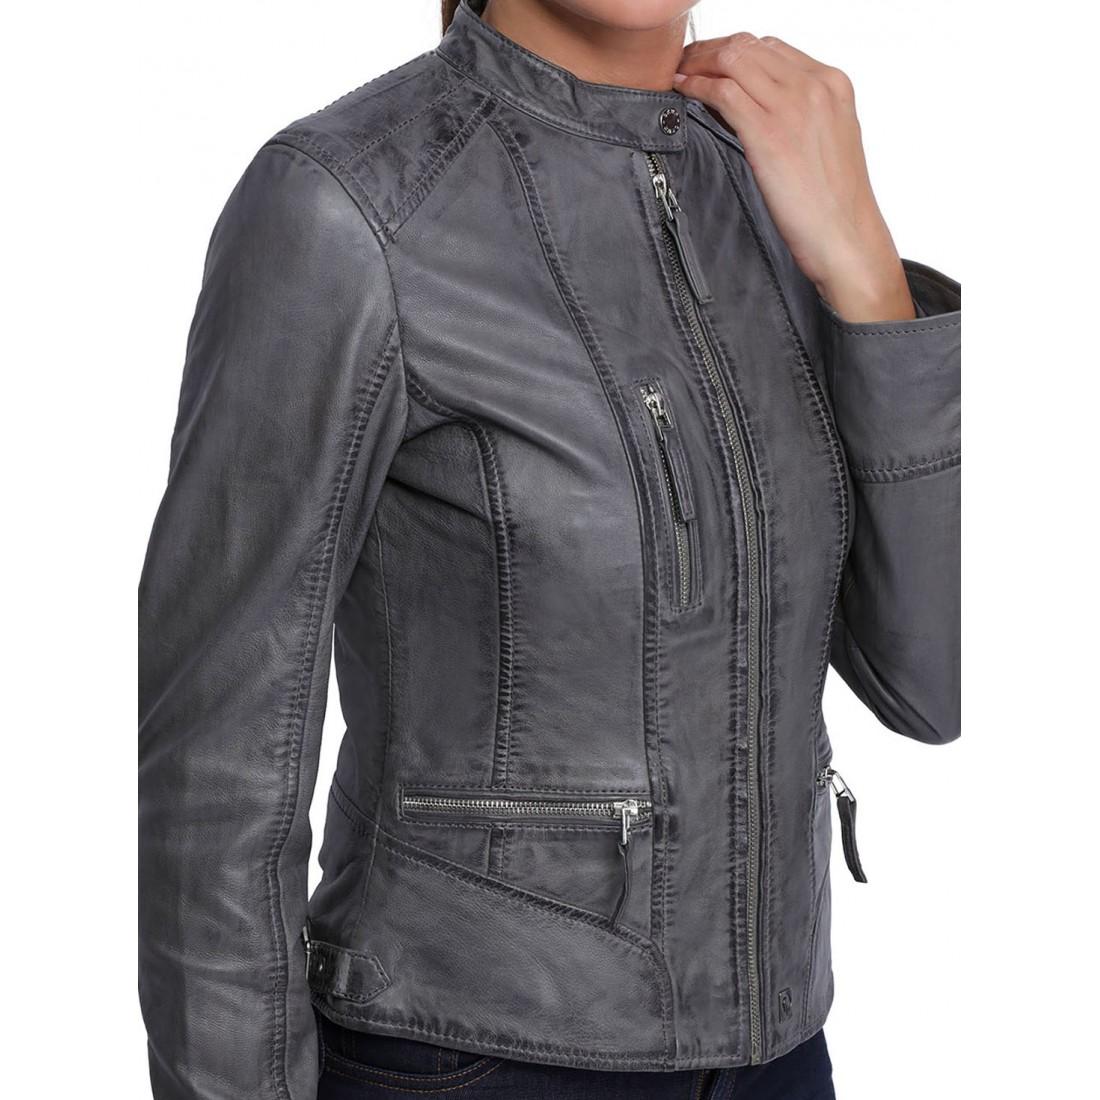 entretenir veste en cuir noir les vestes la mode sont populaires partout dans le monde. Black Bedroom Furniture Sets. Home Design Ideas